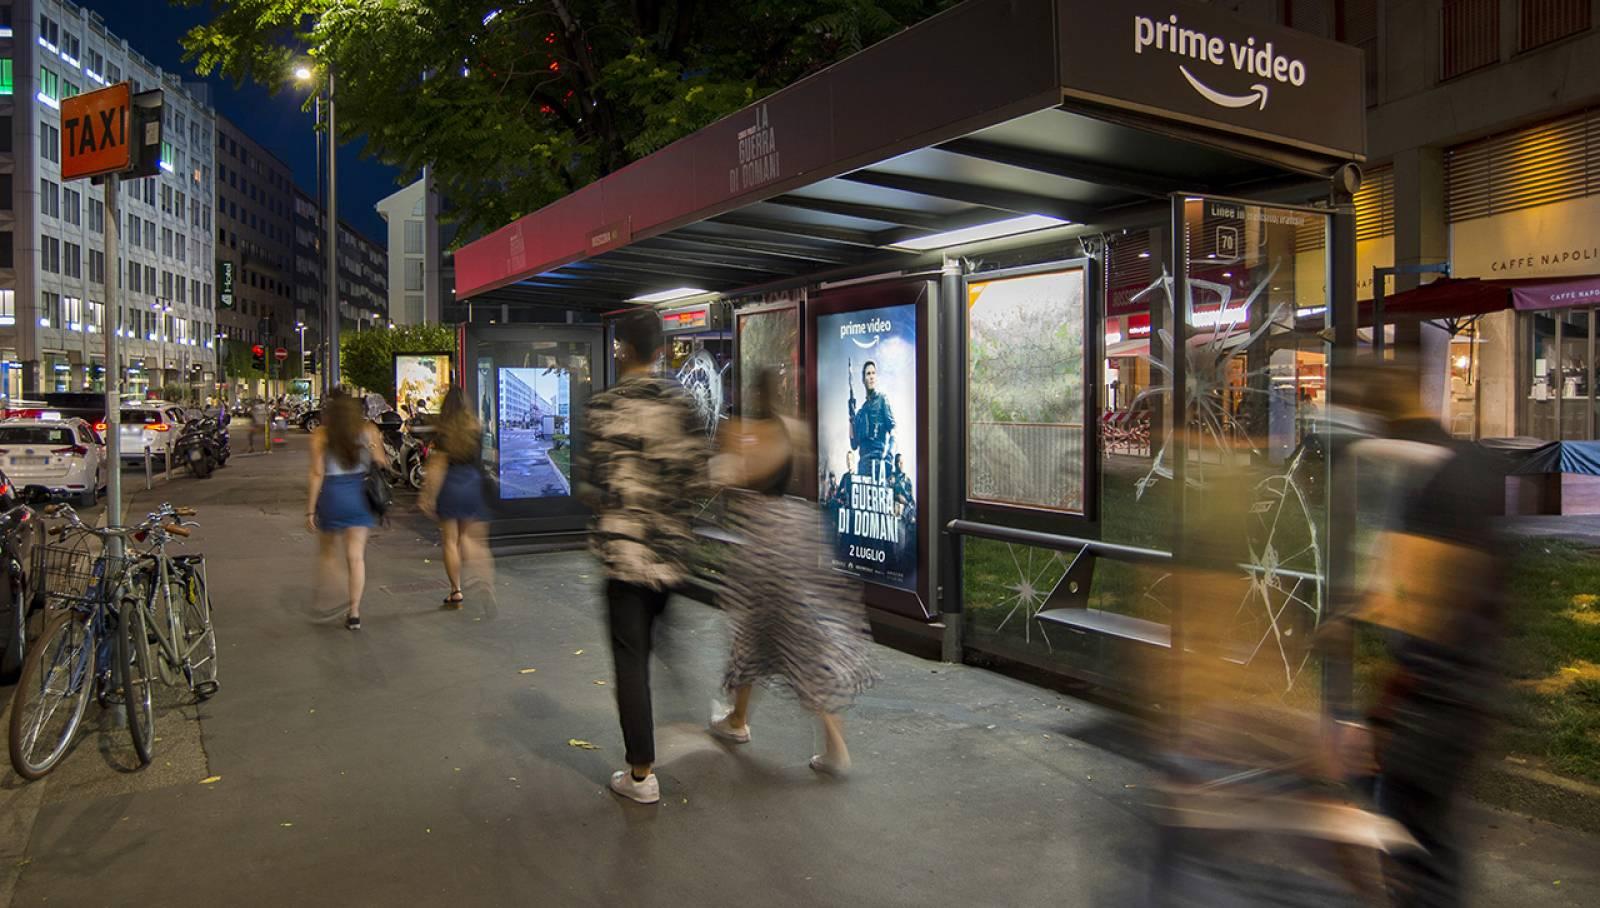 IGPDecaux Milano Brand pensilina Creative Solutions per Amazon Prime Video